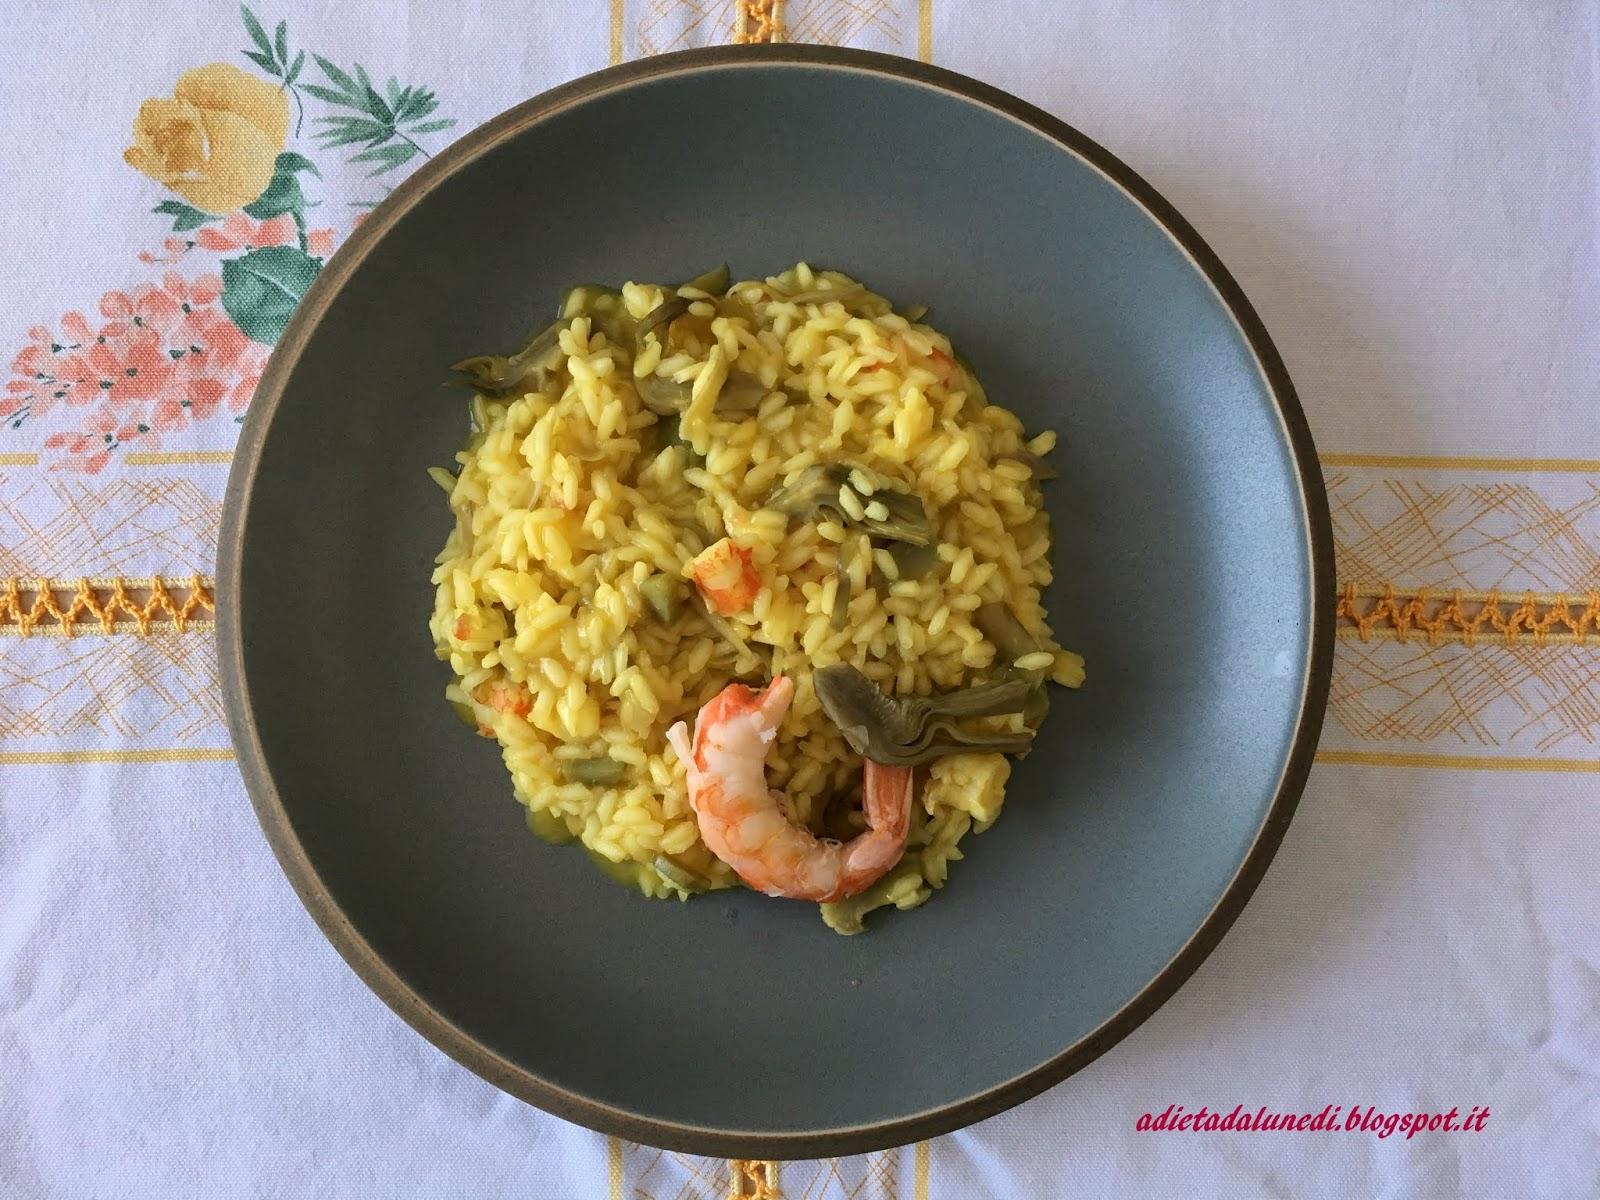 come il riso bianco è fatto per la dieta